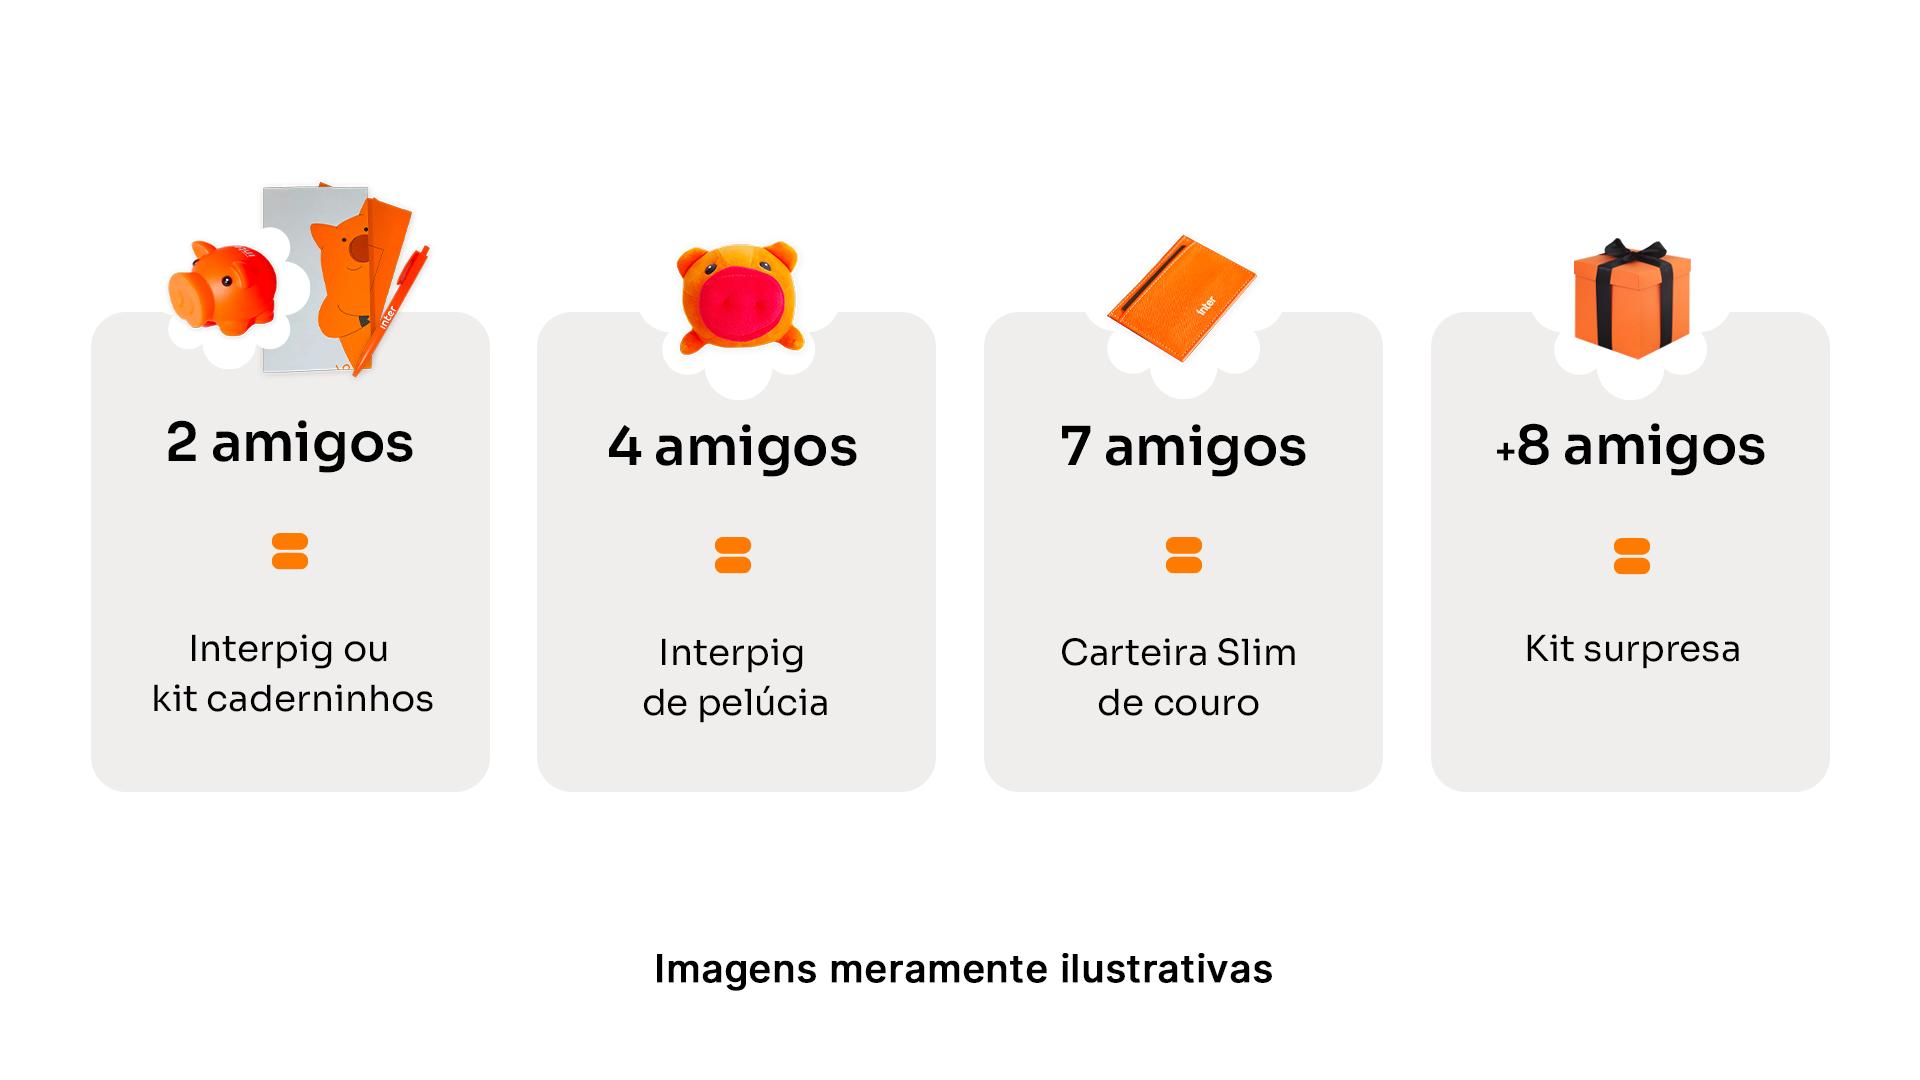 infográfico com prêmios